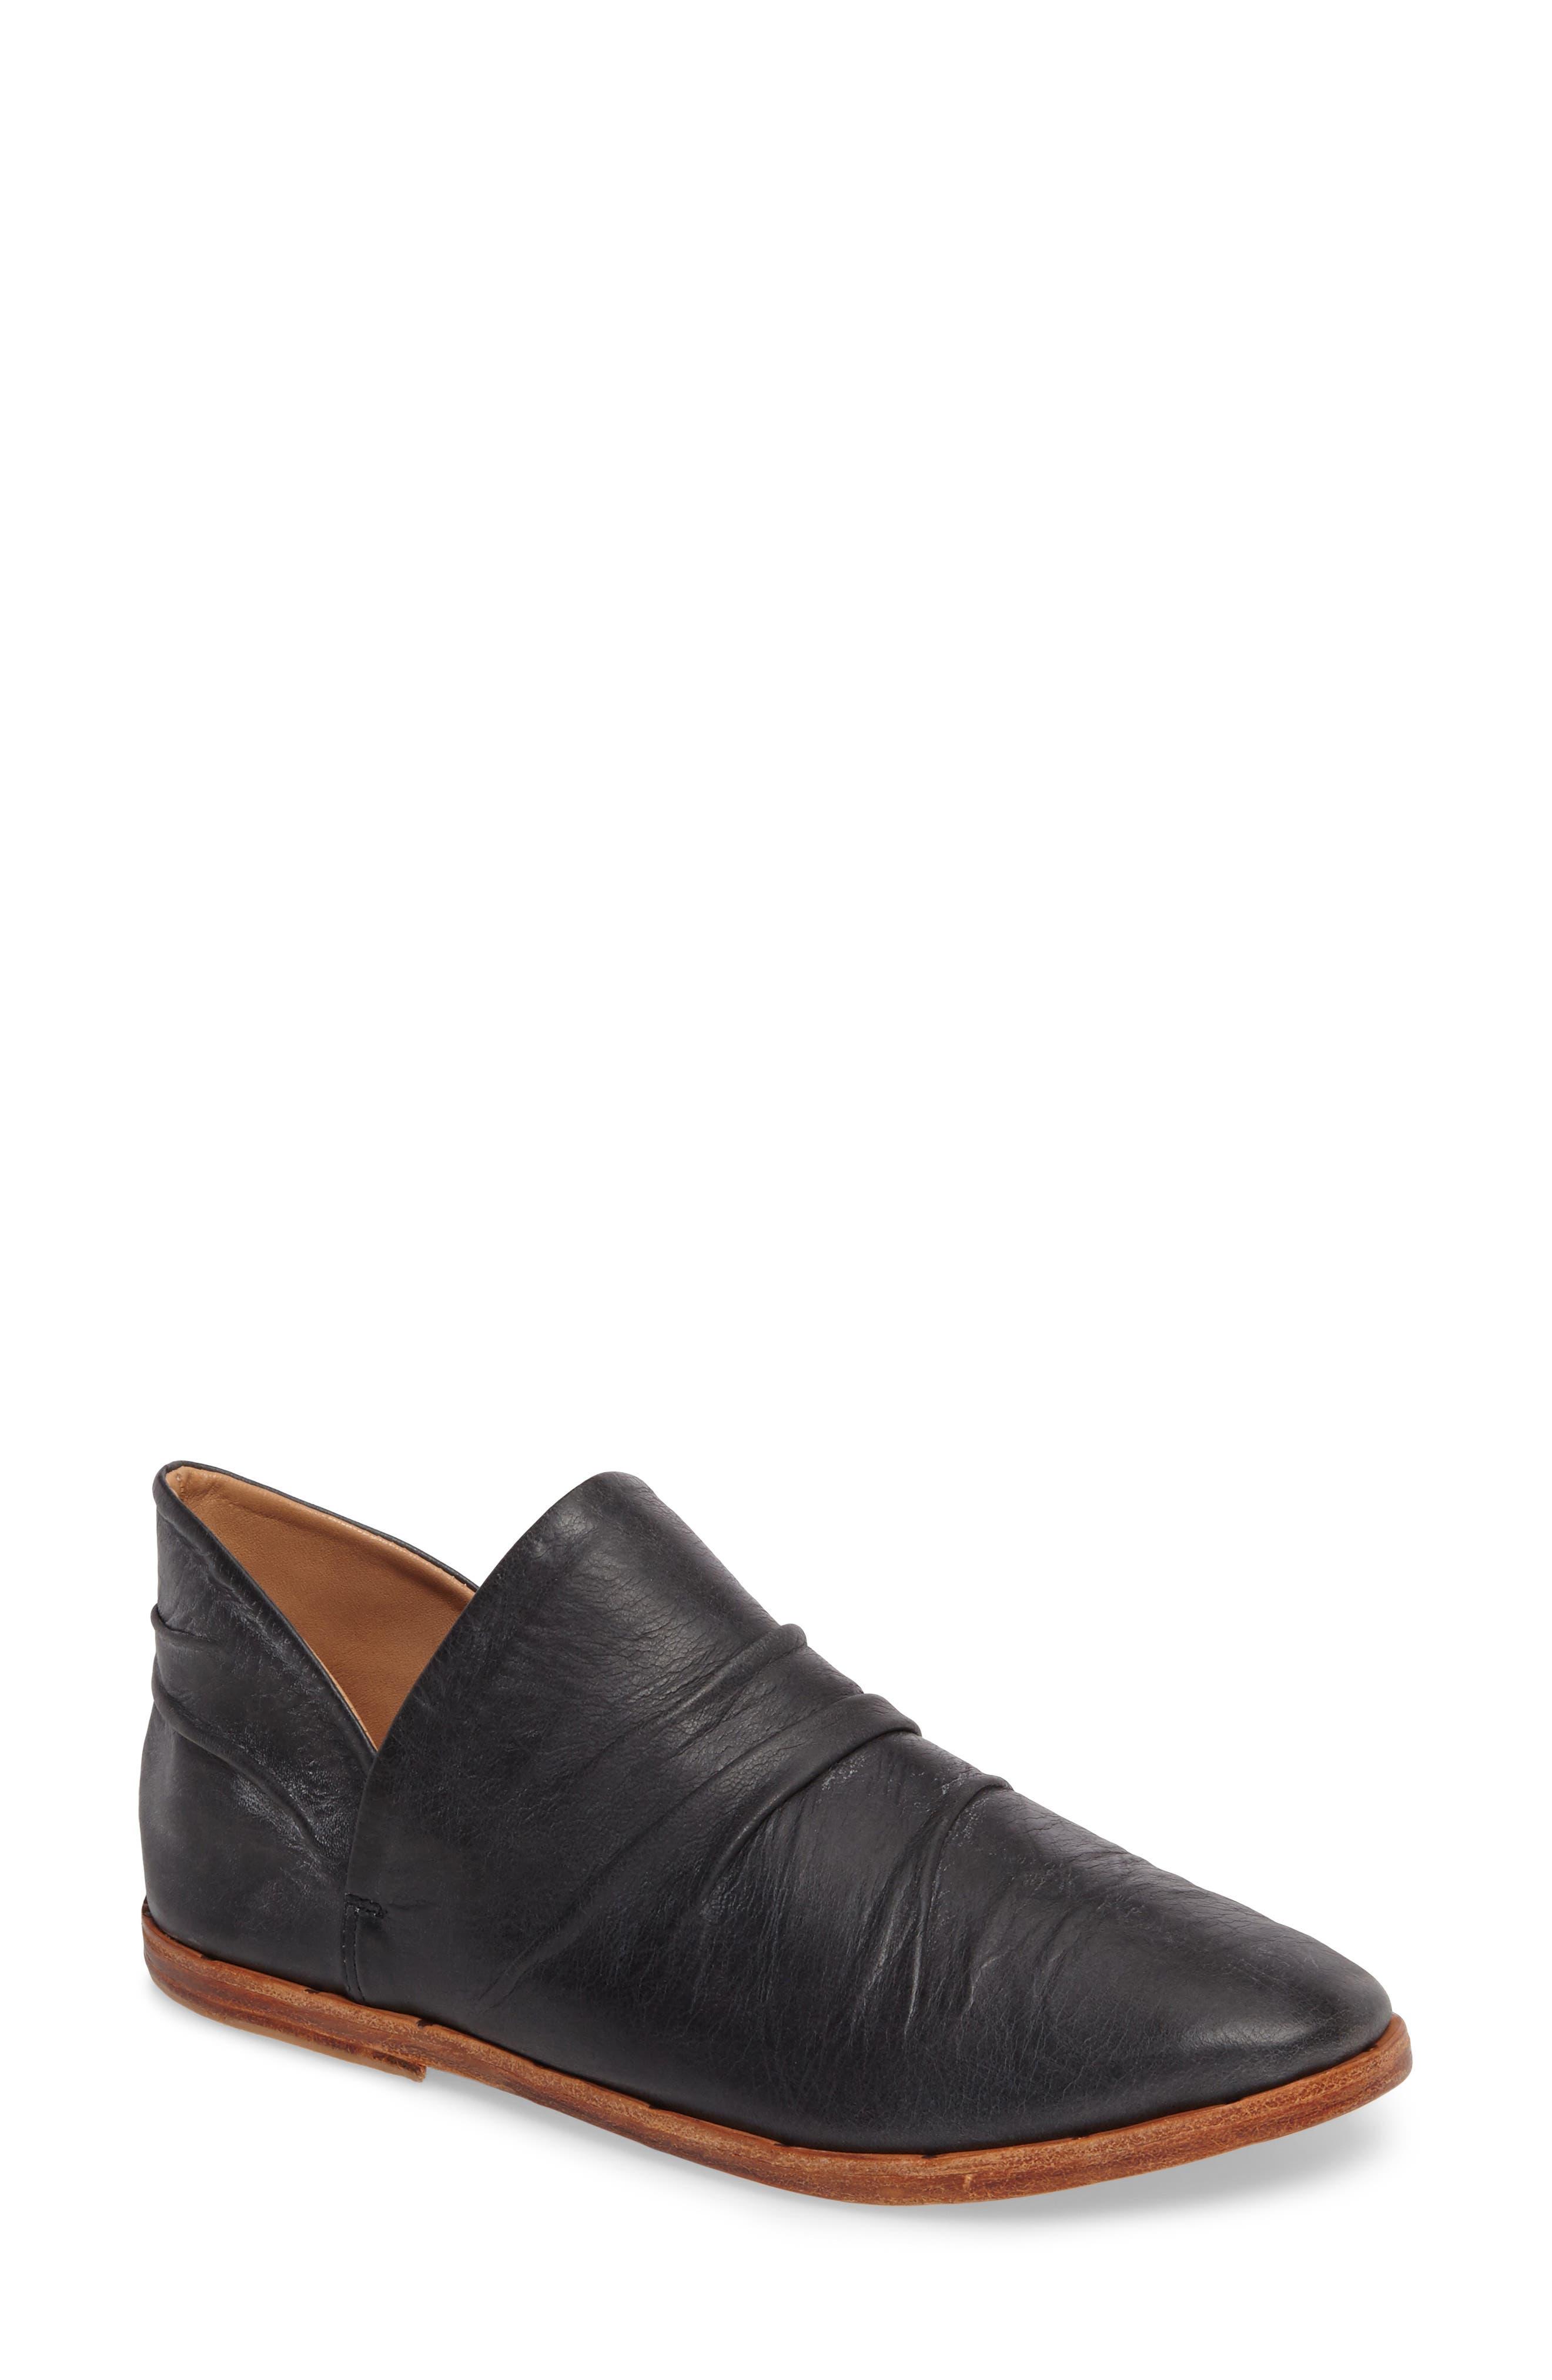 Puffin Loafer,                         Main,                         color, Vintage Black